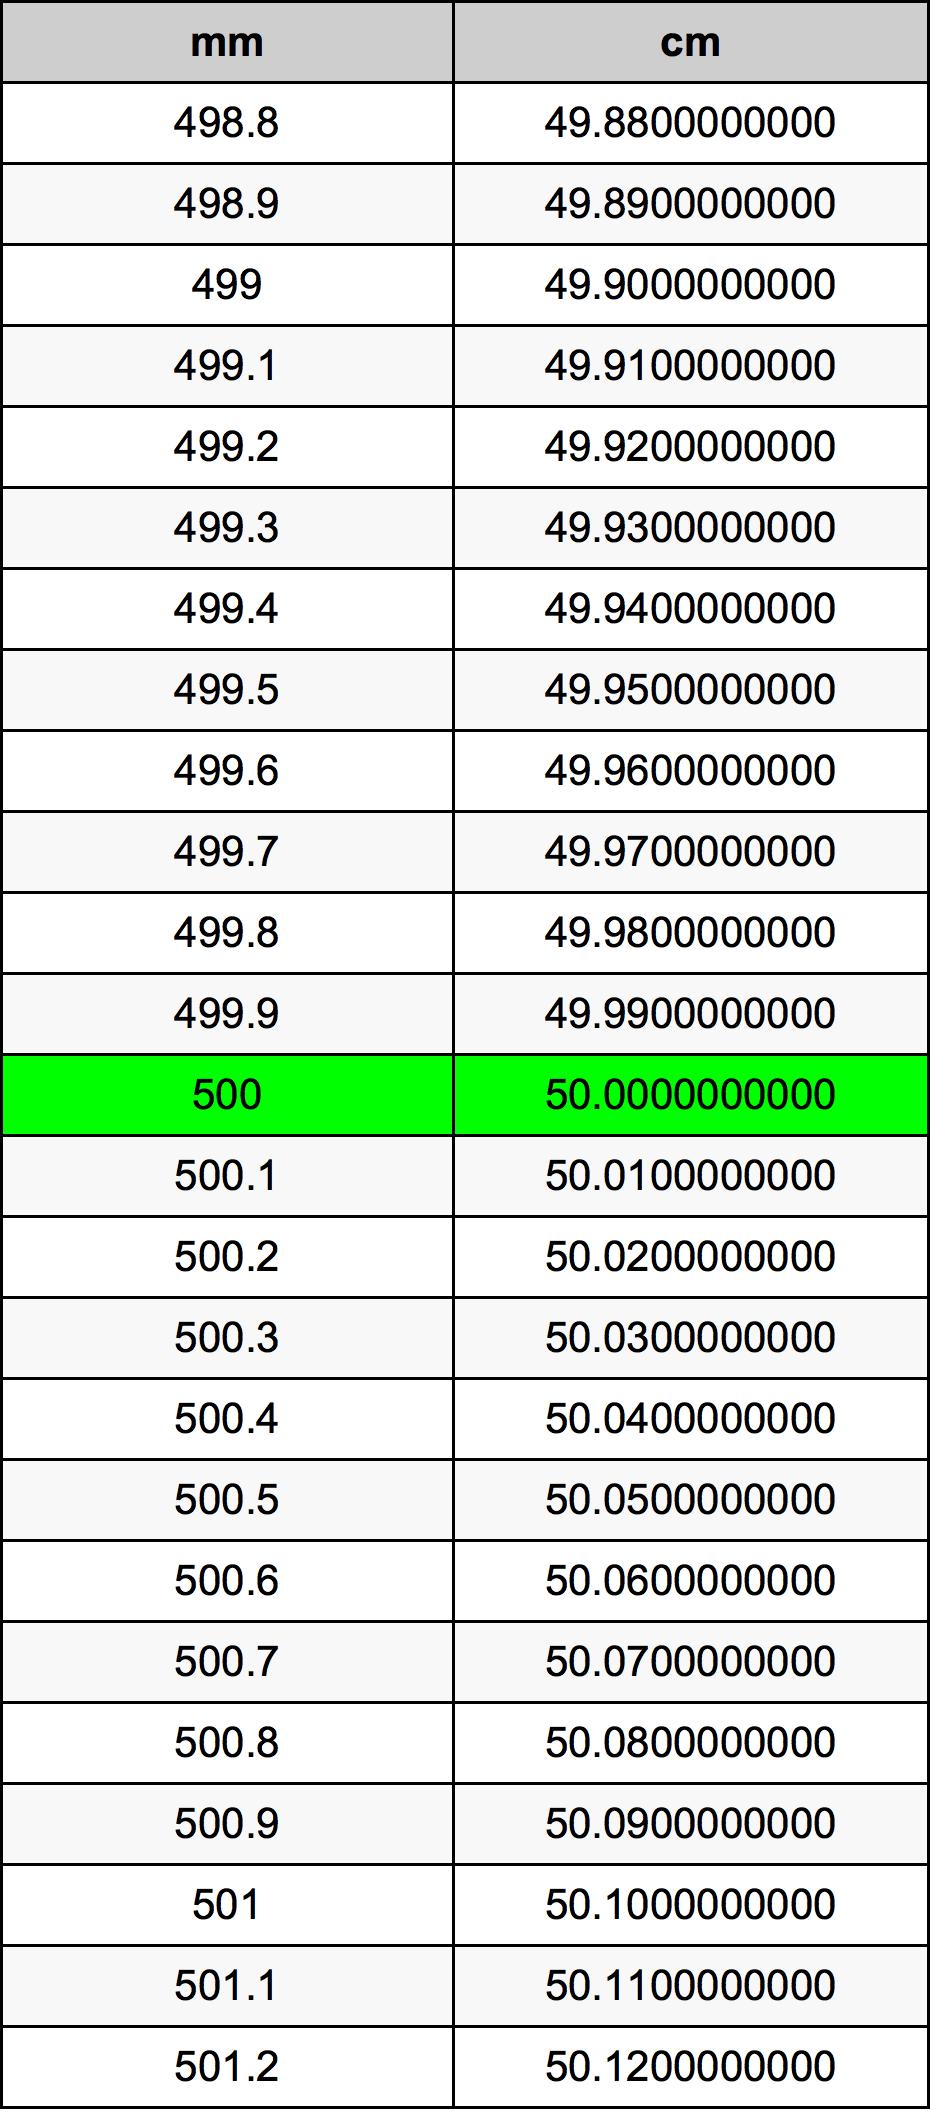 500ミリメートルをセンチメートル単位変換 | 500mmをcm単位変換